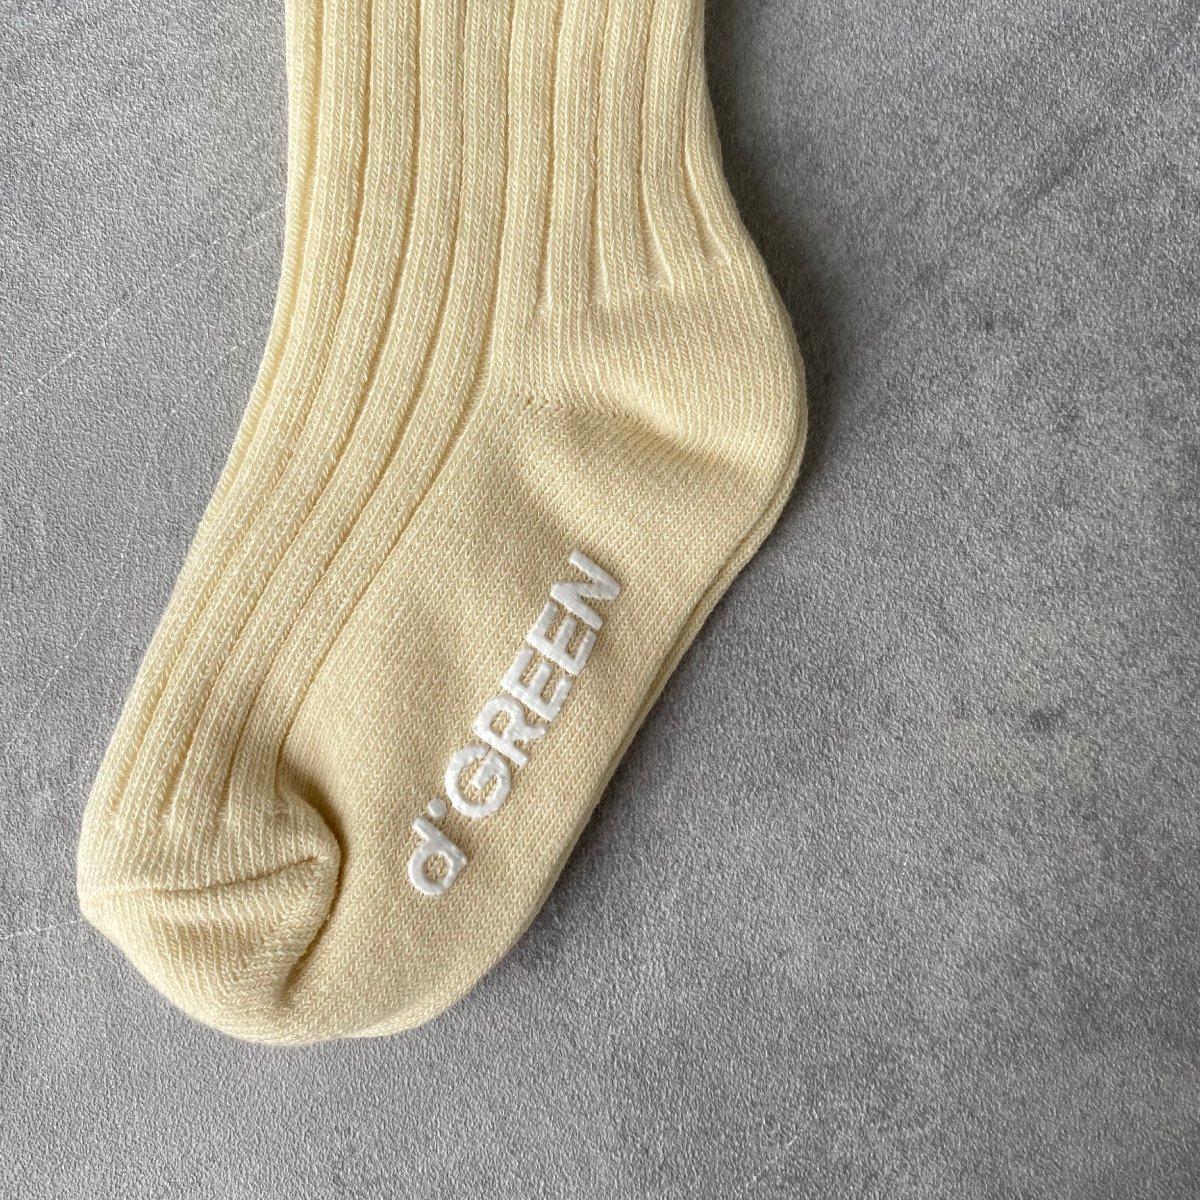 【KIDS】Pistachio Socks 詳細画像7